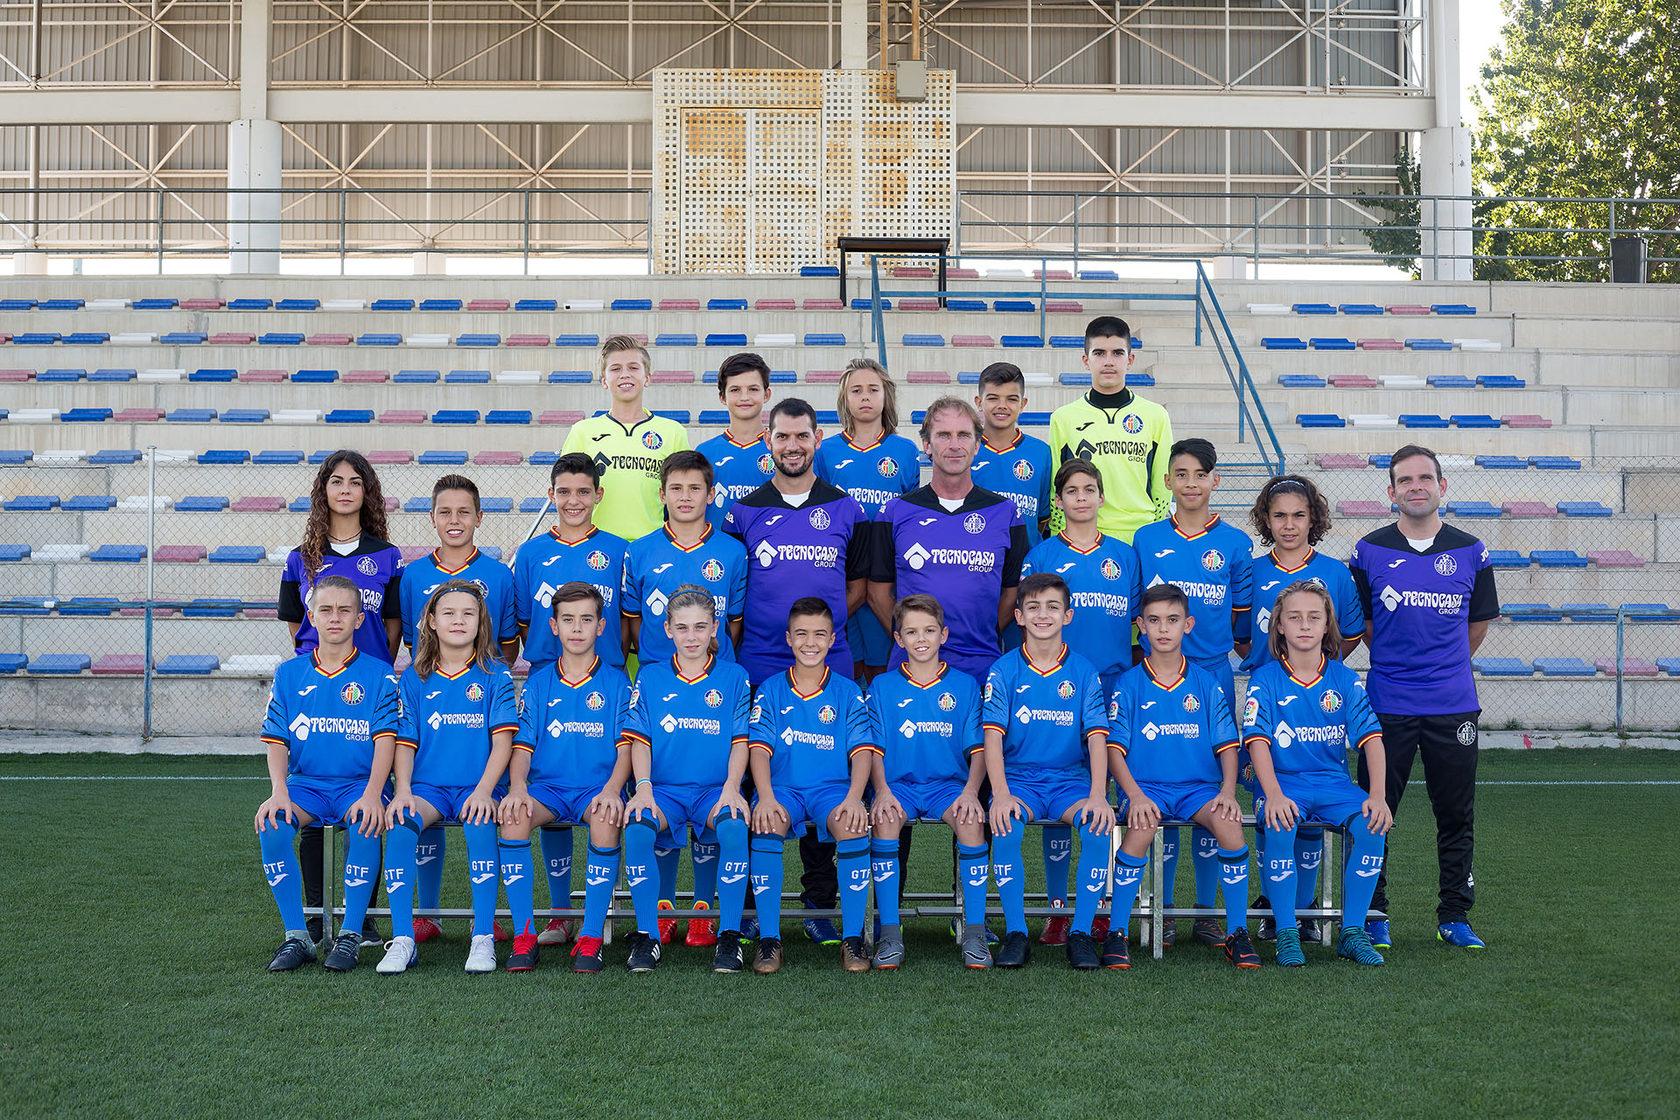 Футбольный клуб детский реал мадрид официальный сайт